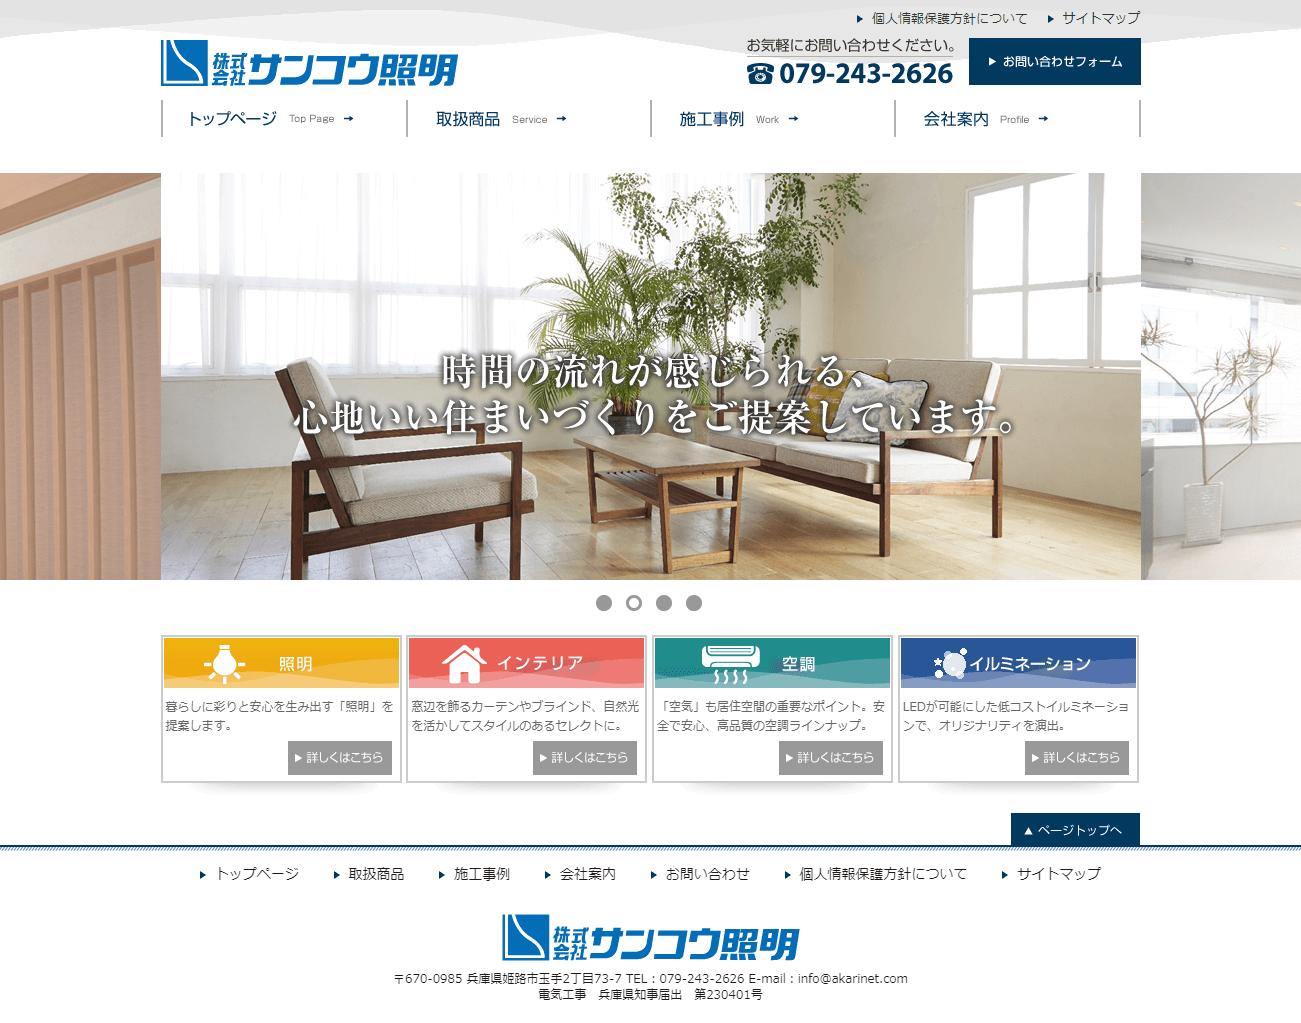 姫路市 株式会社サンコウ照明様 ホームページ制作1